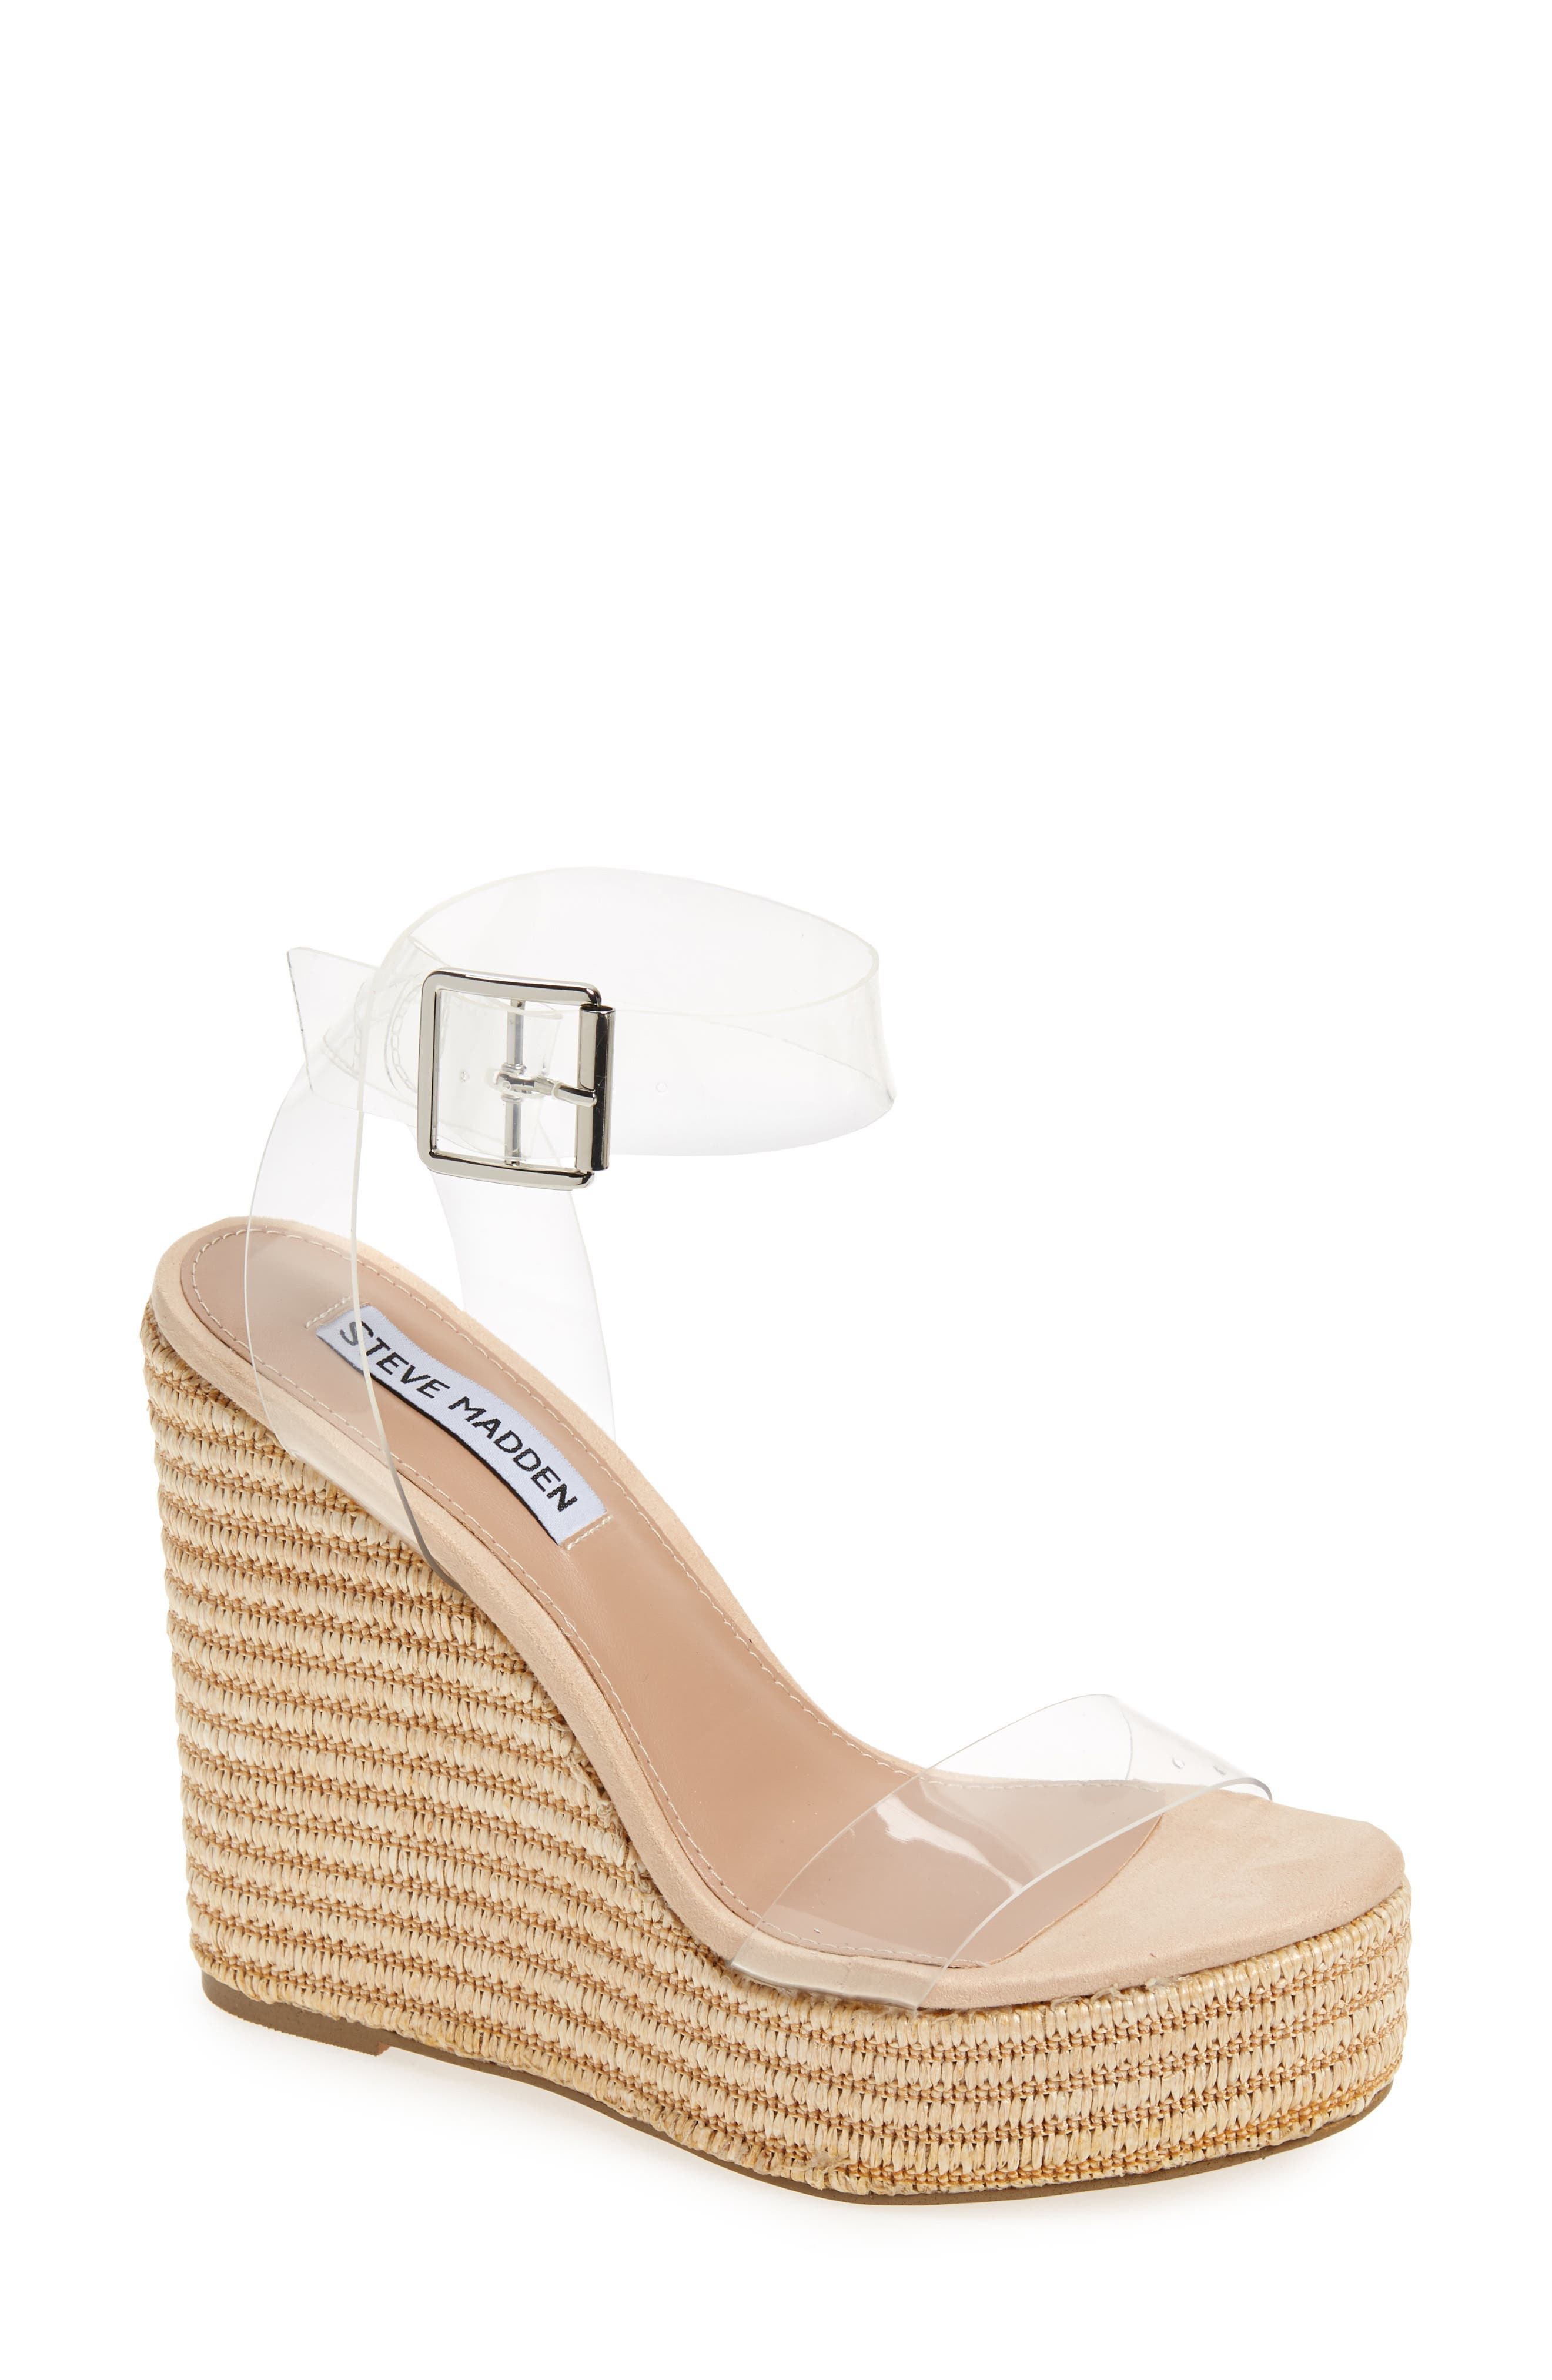 Steve Madden Maize Wedge Sandal (Women